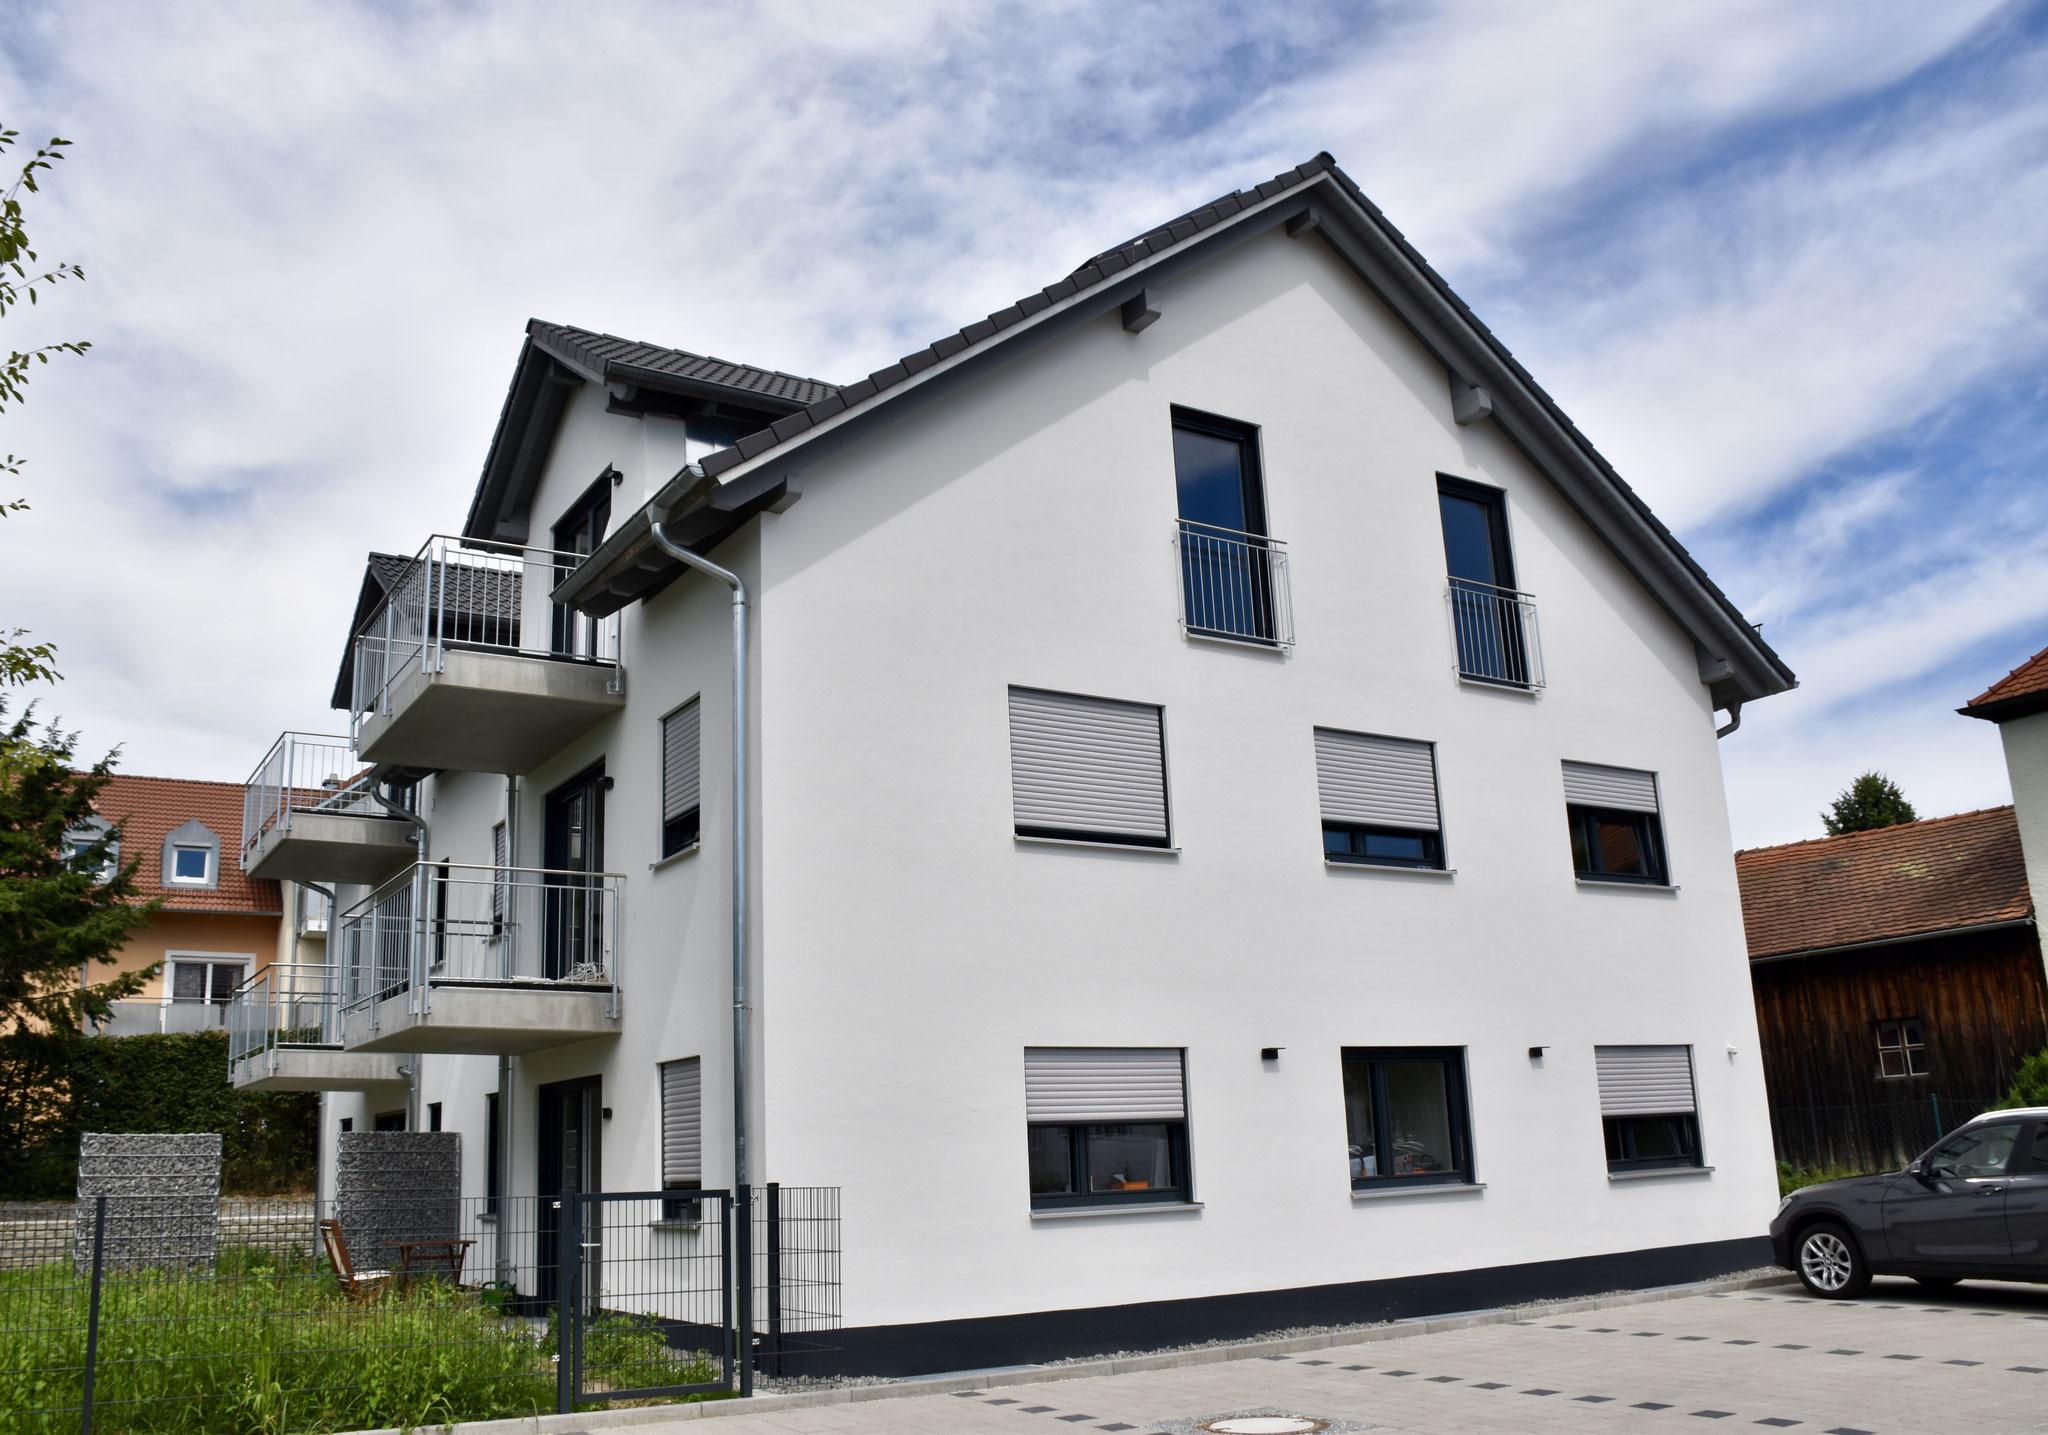 Neubau eines Mehrfamilienwohnhauses mit 4 Wohneinheiten + Praxis, Vilsbiburg 2017